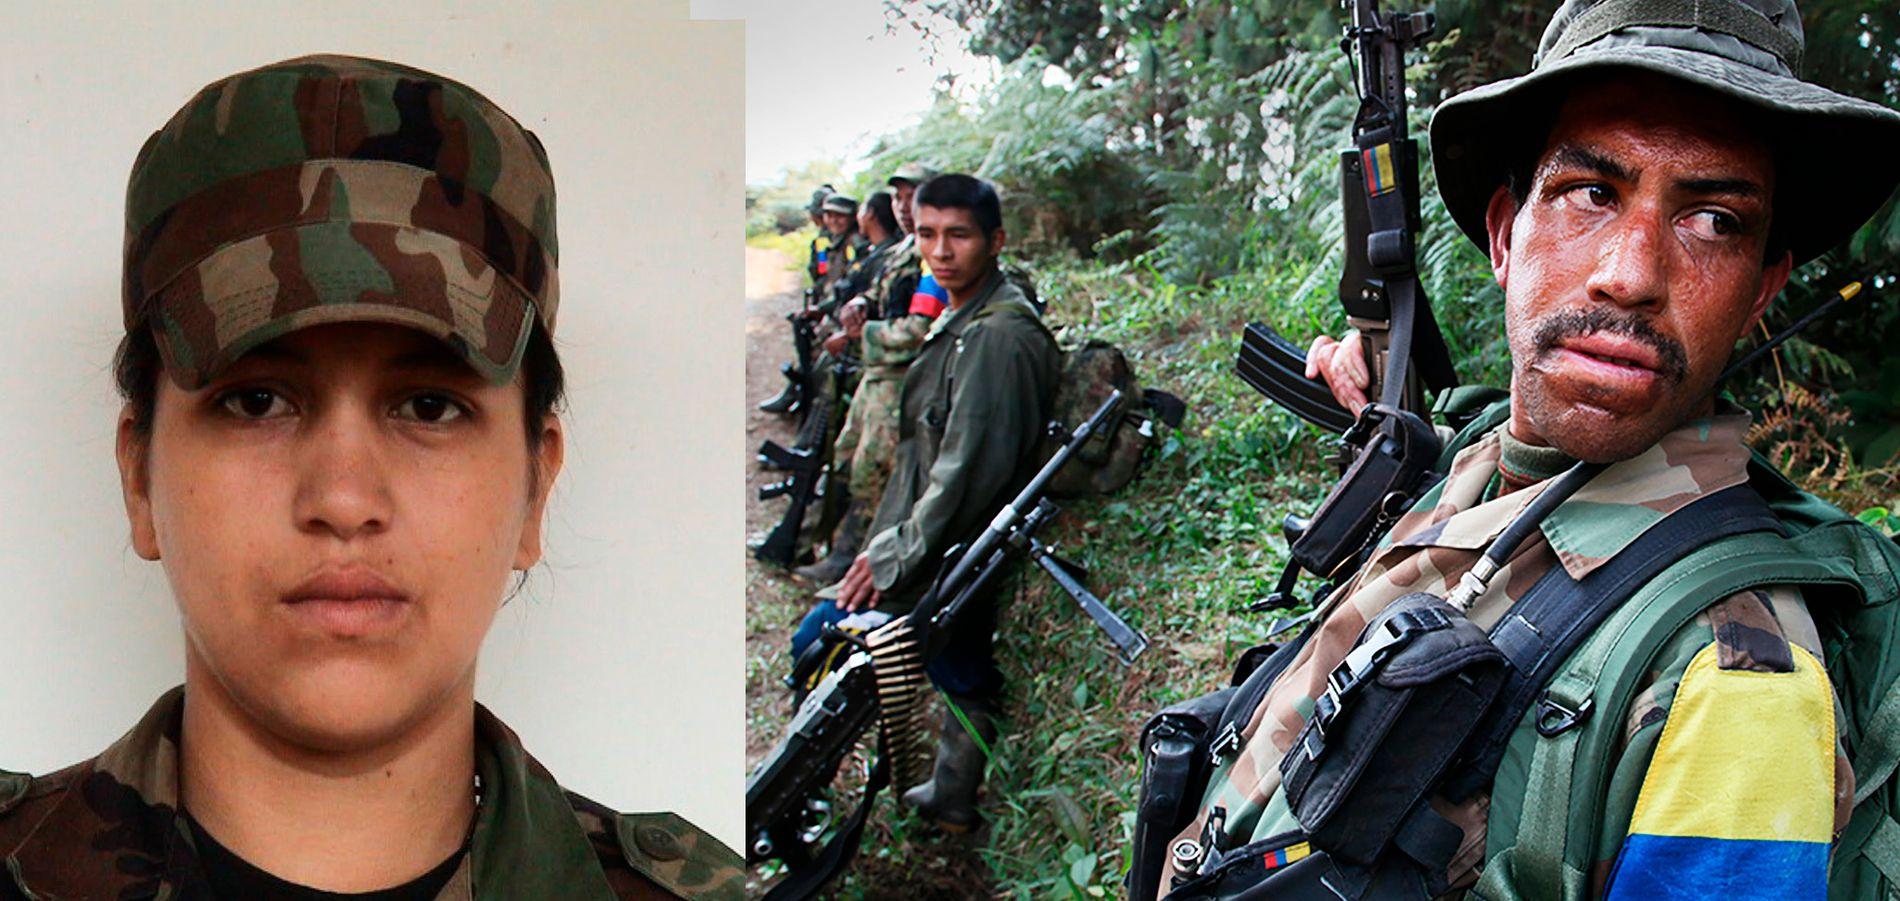 VIL HA FRED: Sonia Gonzalez (32) sier hun har kjempet for å endre det colombianske samfunnet. Nå er hun klar for et liv utenfor FARC-geriljaen.